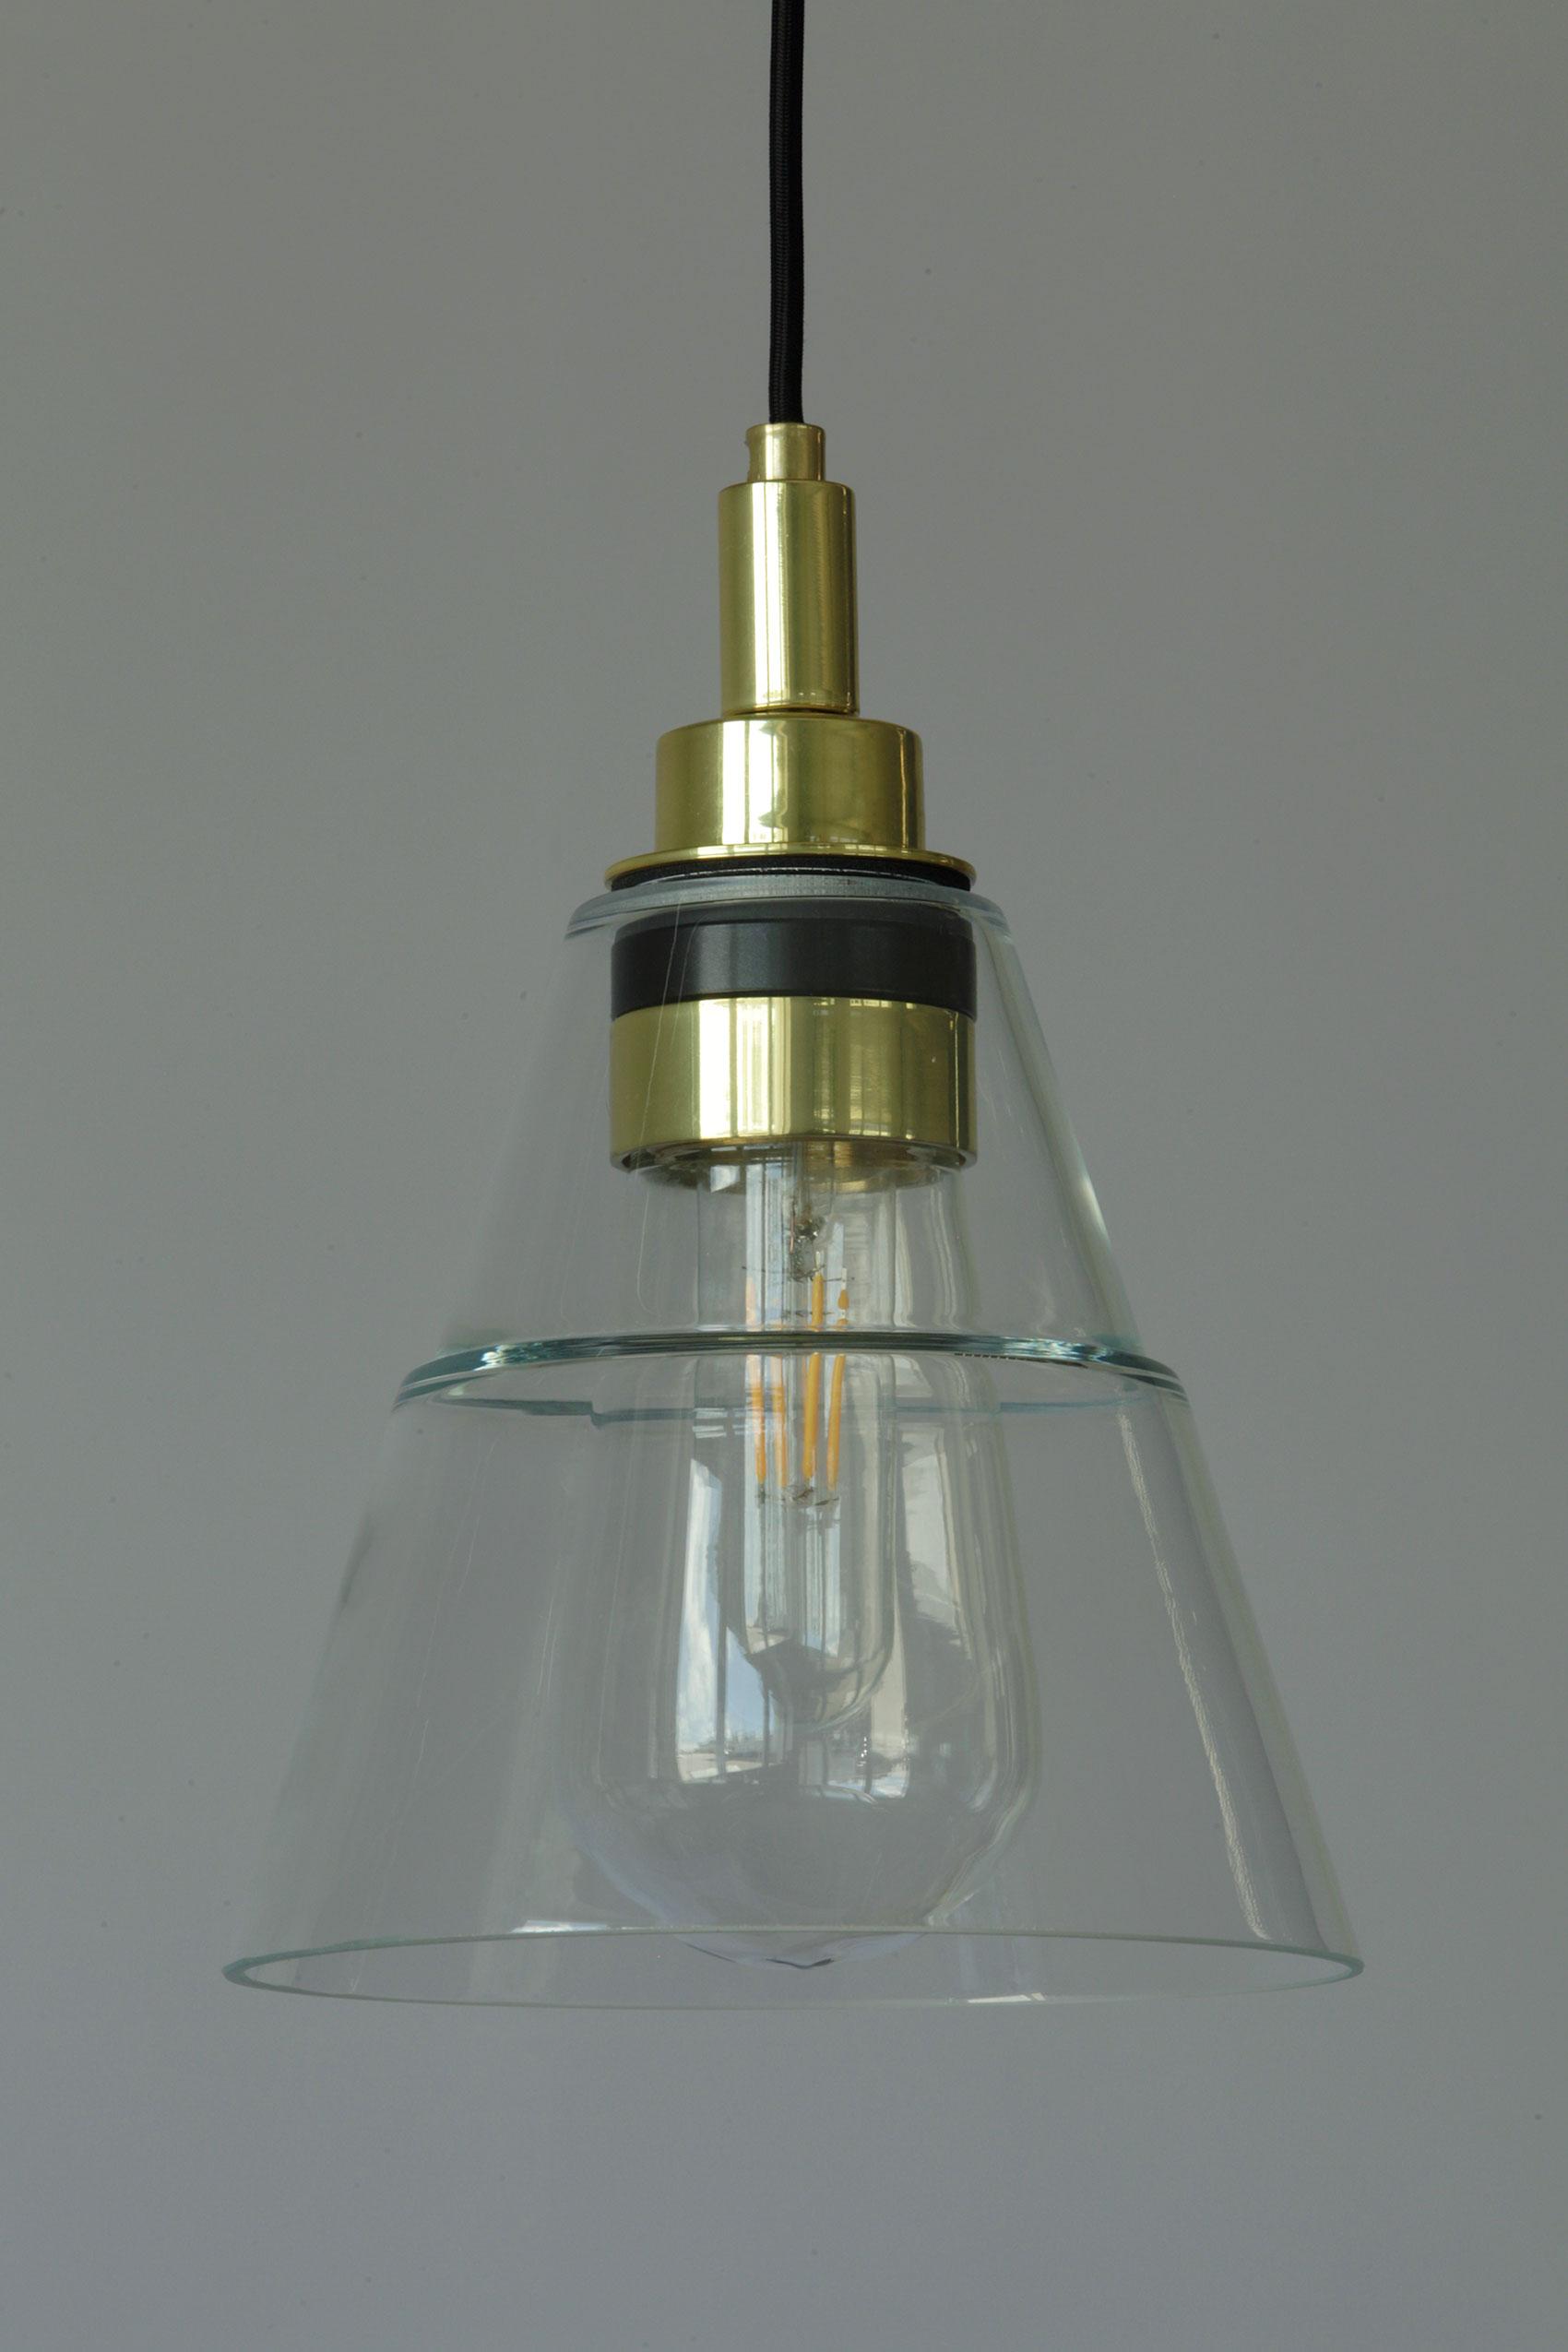 Kleine Glas-Hängeleuchte auch für Badezimmer, IP20 - Casa Lumi